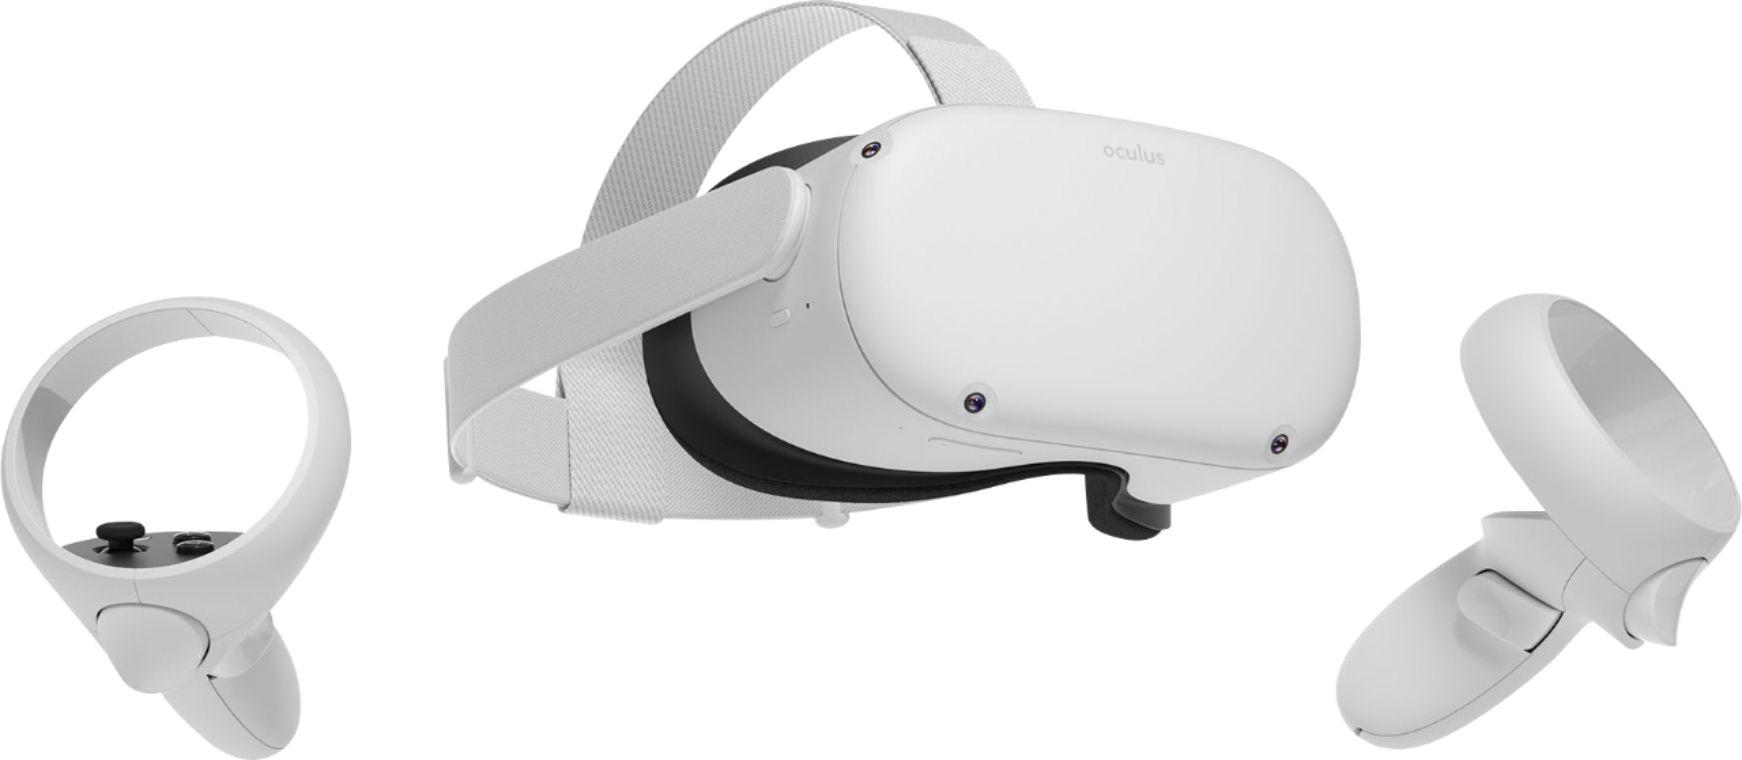 Oculus Quest V28 正式发布,支持无线PC VR串流和120Hz刷新率